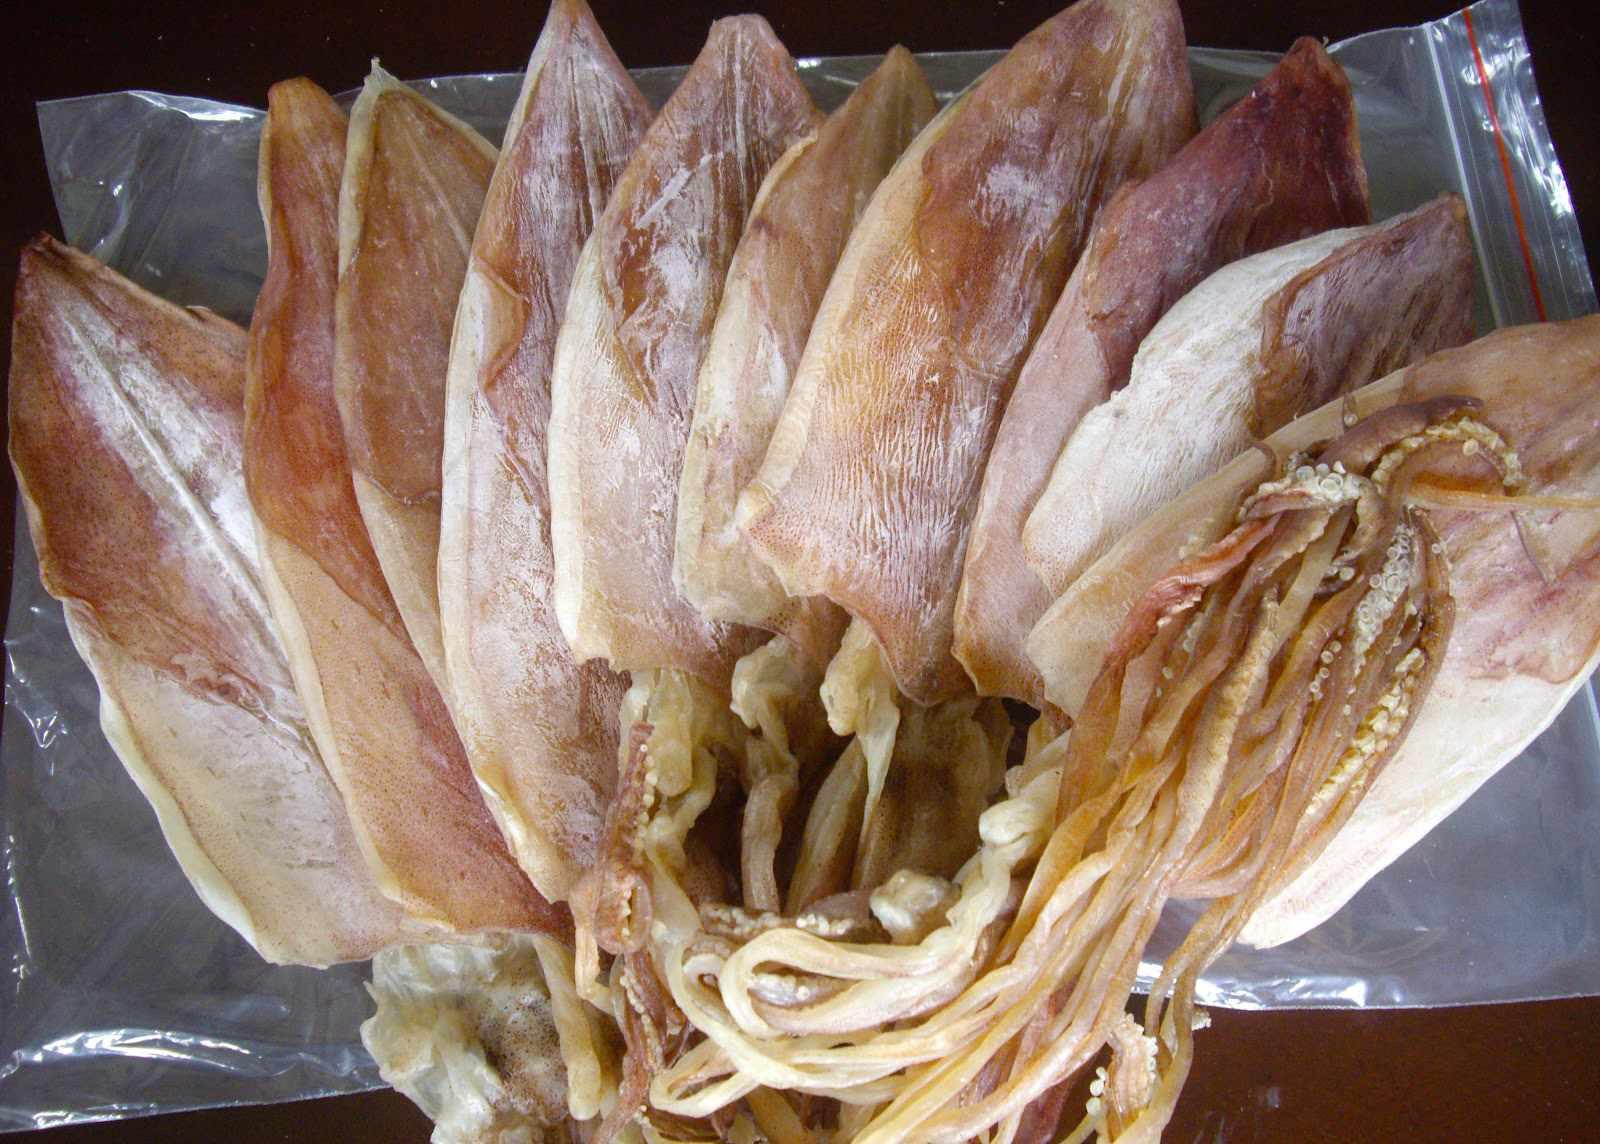 Mực một nắng - món quà lưu niệm phổ biến của khách du lịch Ninh Thuận. Tour Ninh Thuan.